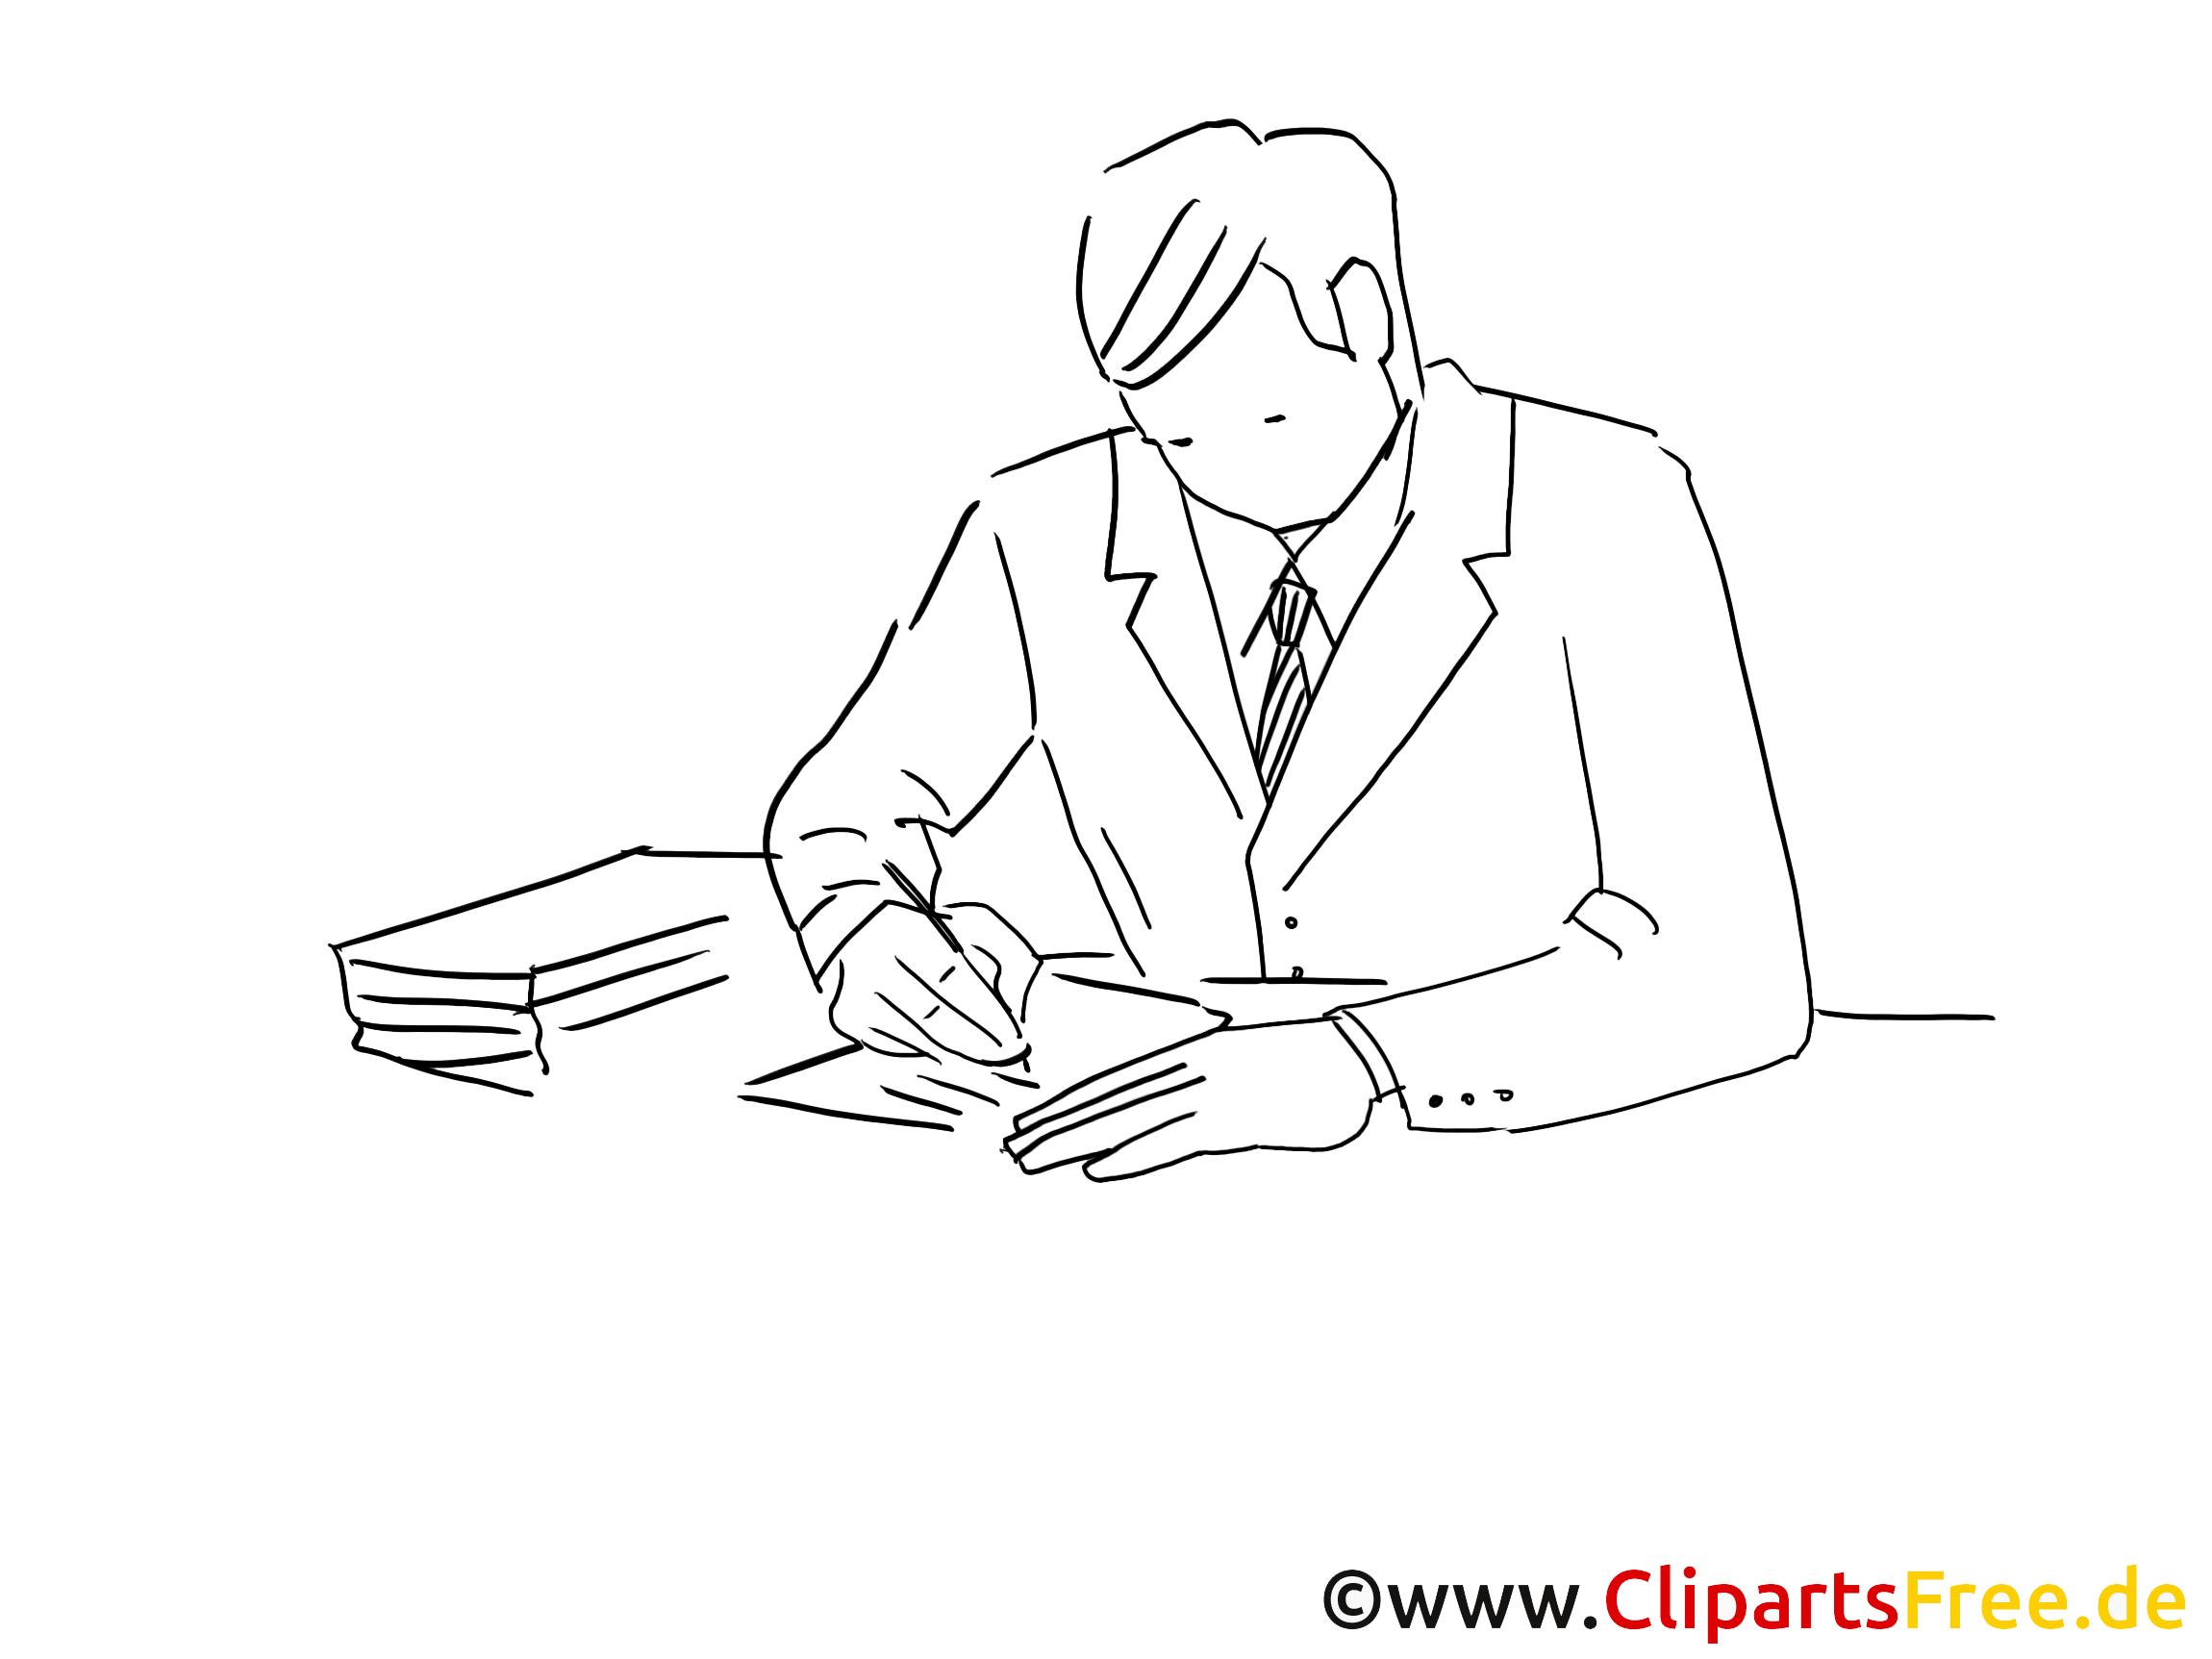 Mann am schreibtisch clipart image free library Clipart schwarz-weiss Mann am Schreibtisch image free library